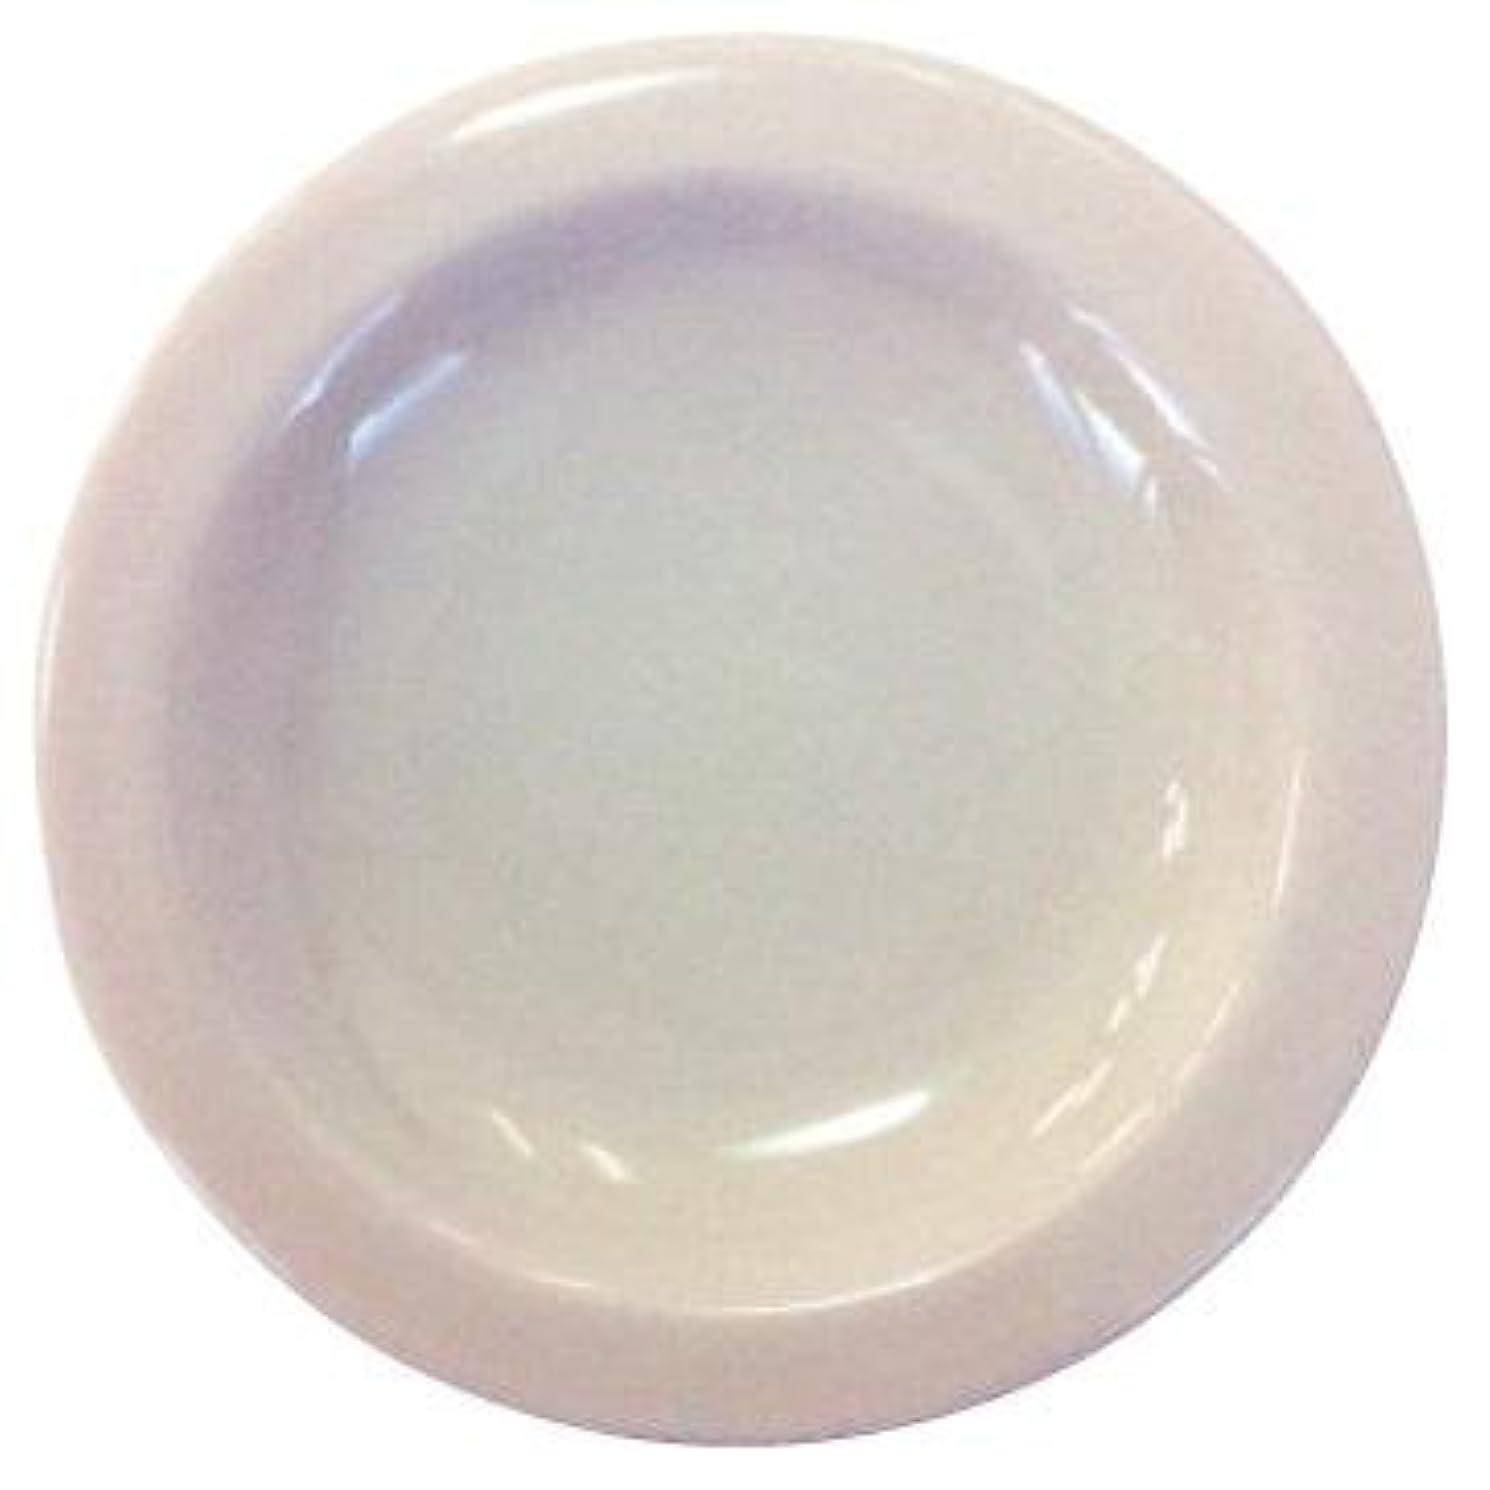 スリル富豪原因生活の木 アロマランプL フラワー用精油皿(上皿)